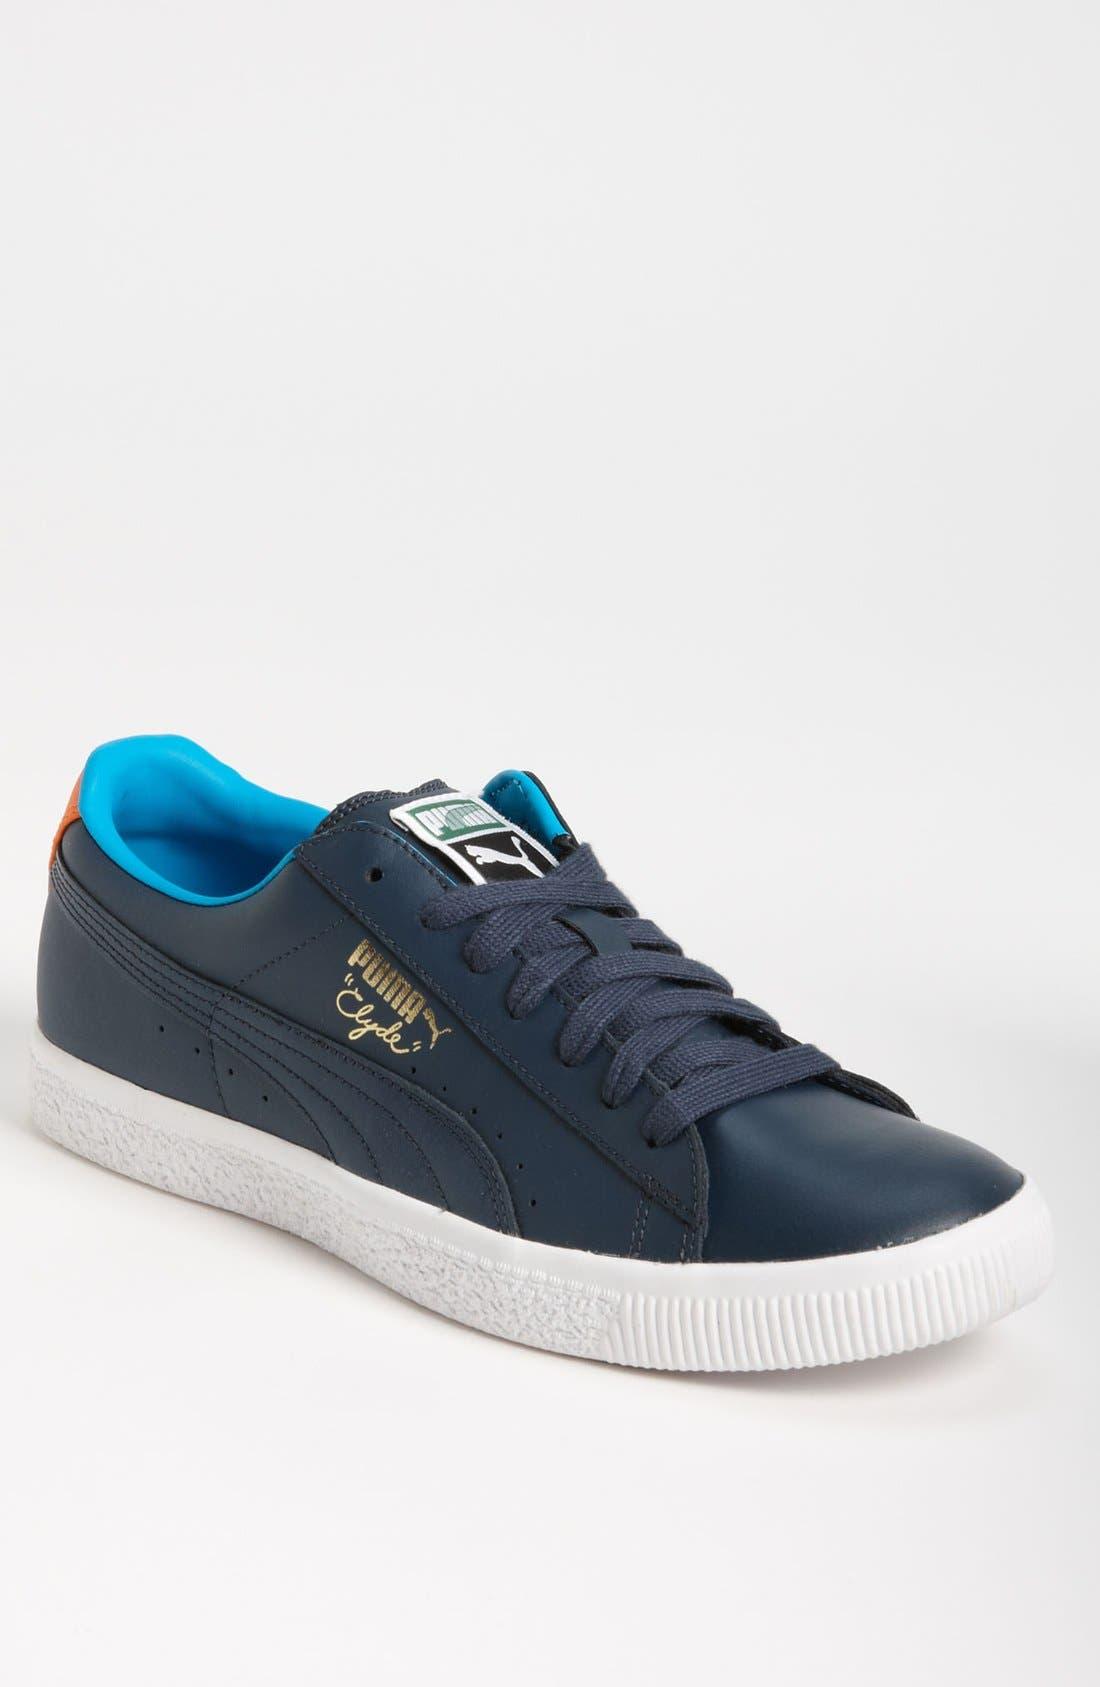 Main Image - PUMA 'Clyde' Sneaker (Men)